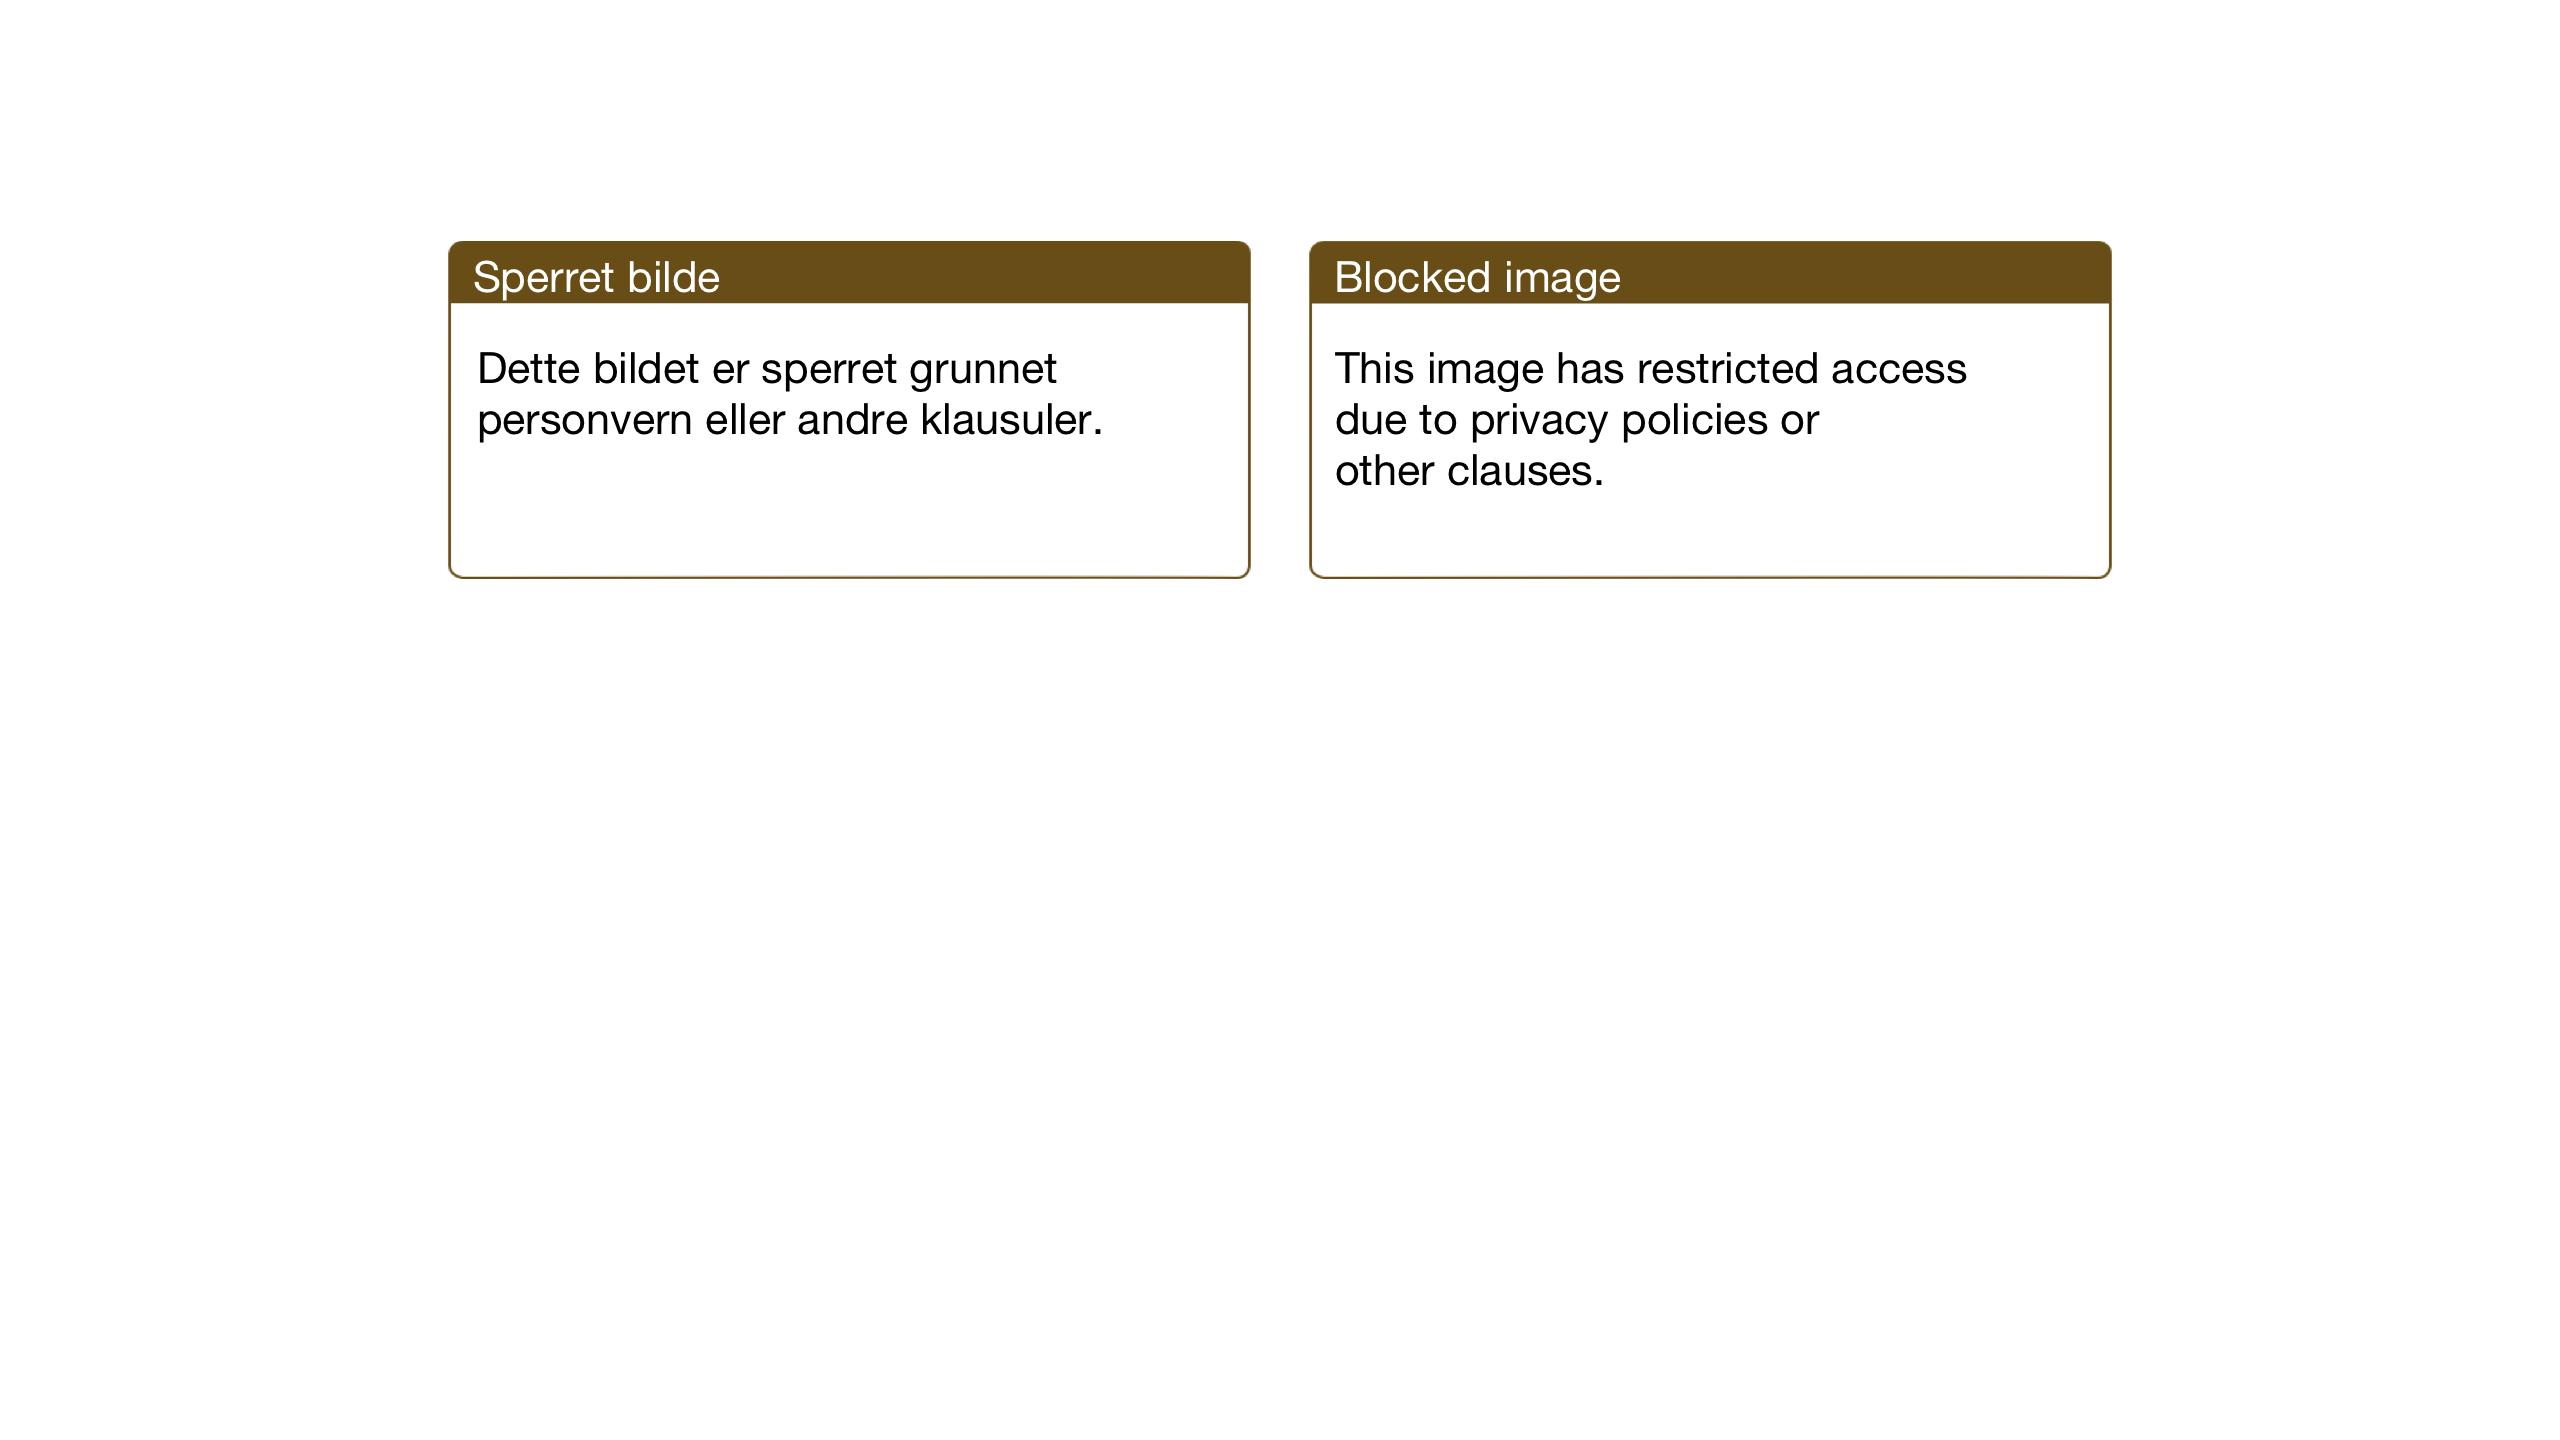 SAT, Ministerialprotokoller, klokkerbøker og fødselsregistre - Sør-Trøndelag, 606/L0315: Klokkerbok nr. 606C11, 1938-1947, s. 14